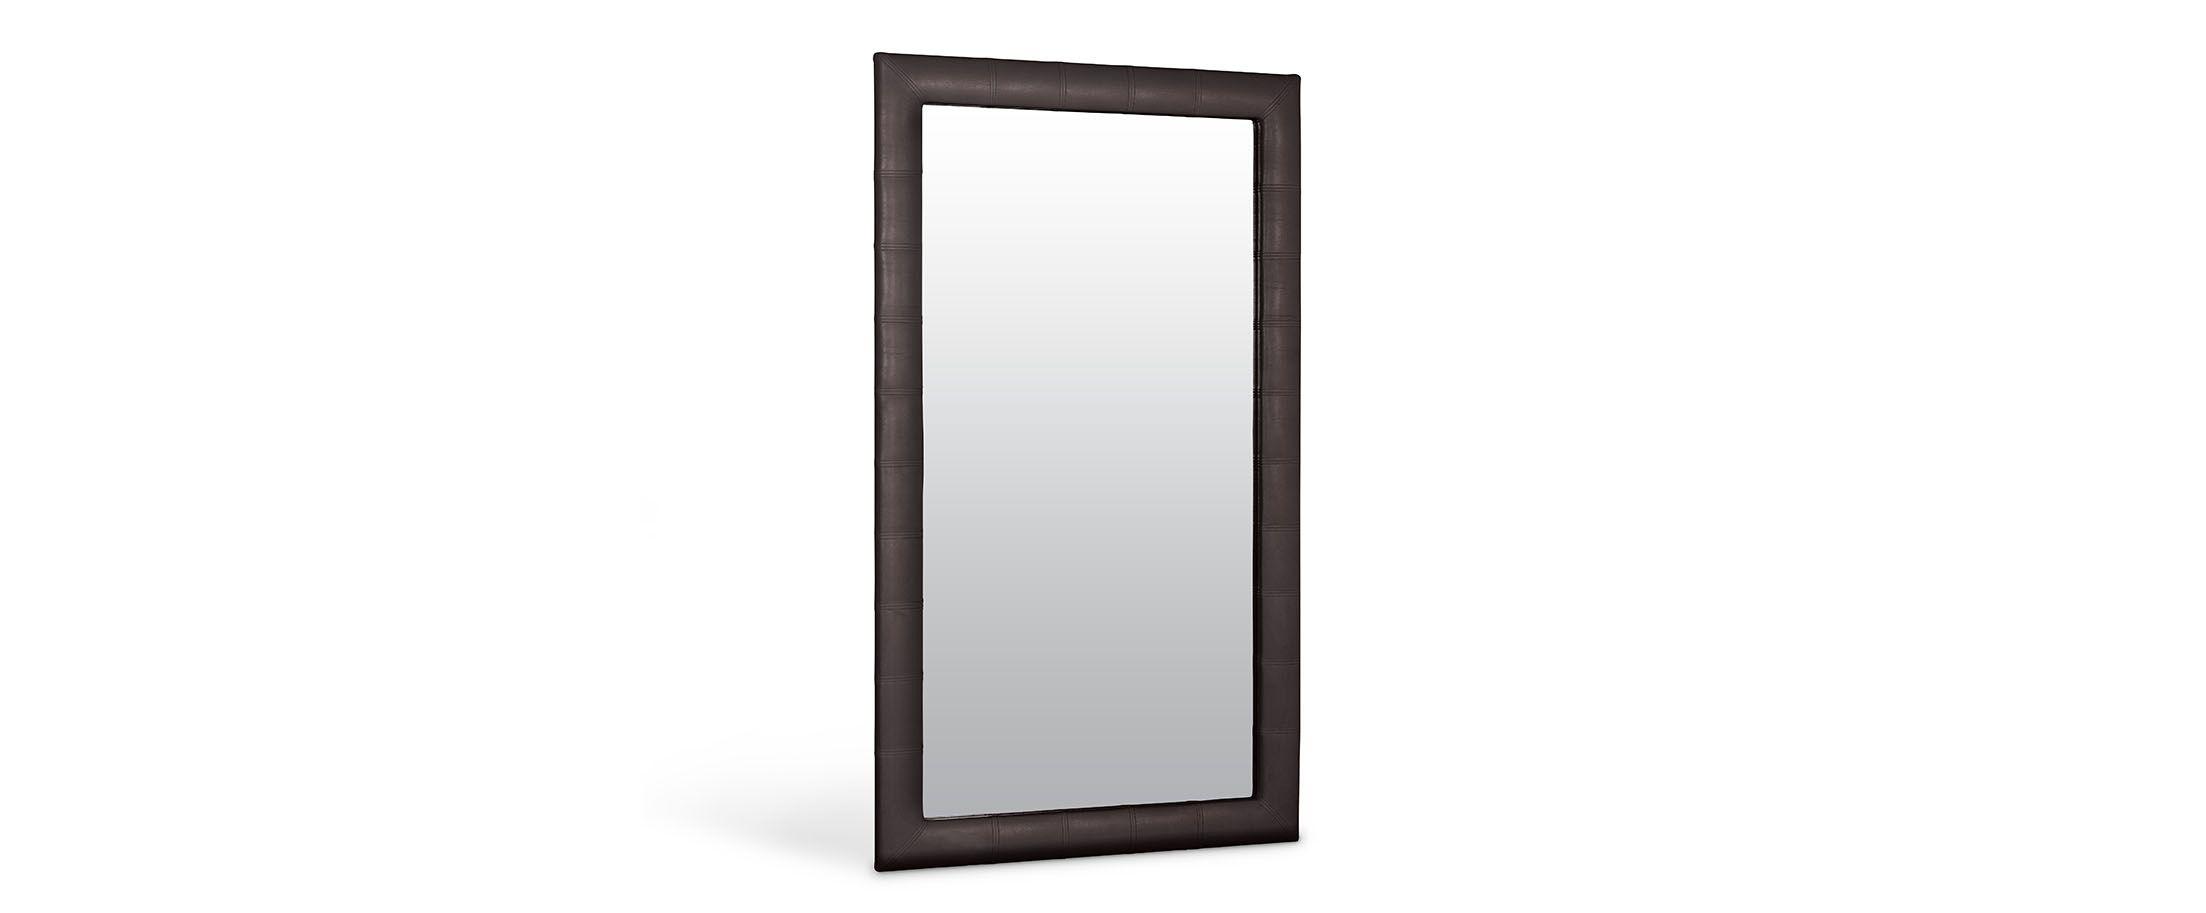 Зеркало Кааба большое кофеЗеркало навесное в спальню. Обивка из экокожи. Артикул: К000448<br>